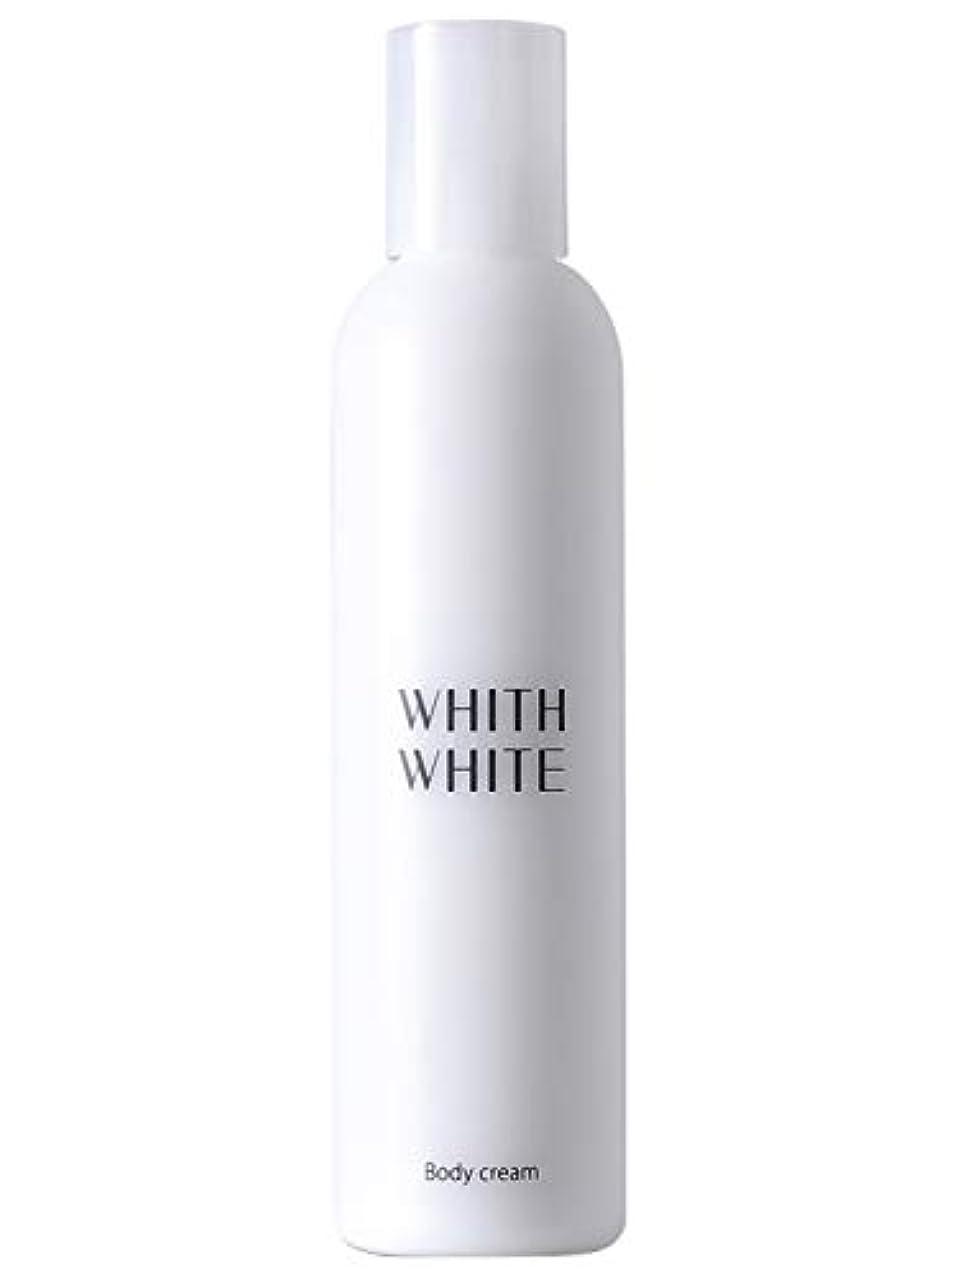 エコー封筒キャプションフィス ホワイト 保湿 ボディクリーム 「顔 かかと 全身 乾燥肌 しみ くすみ 用 エモリエント 保湿クリーム 」200g